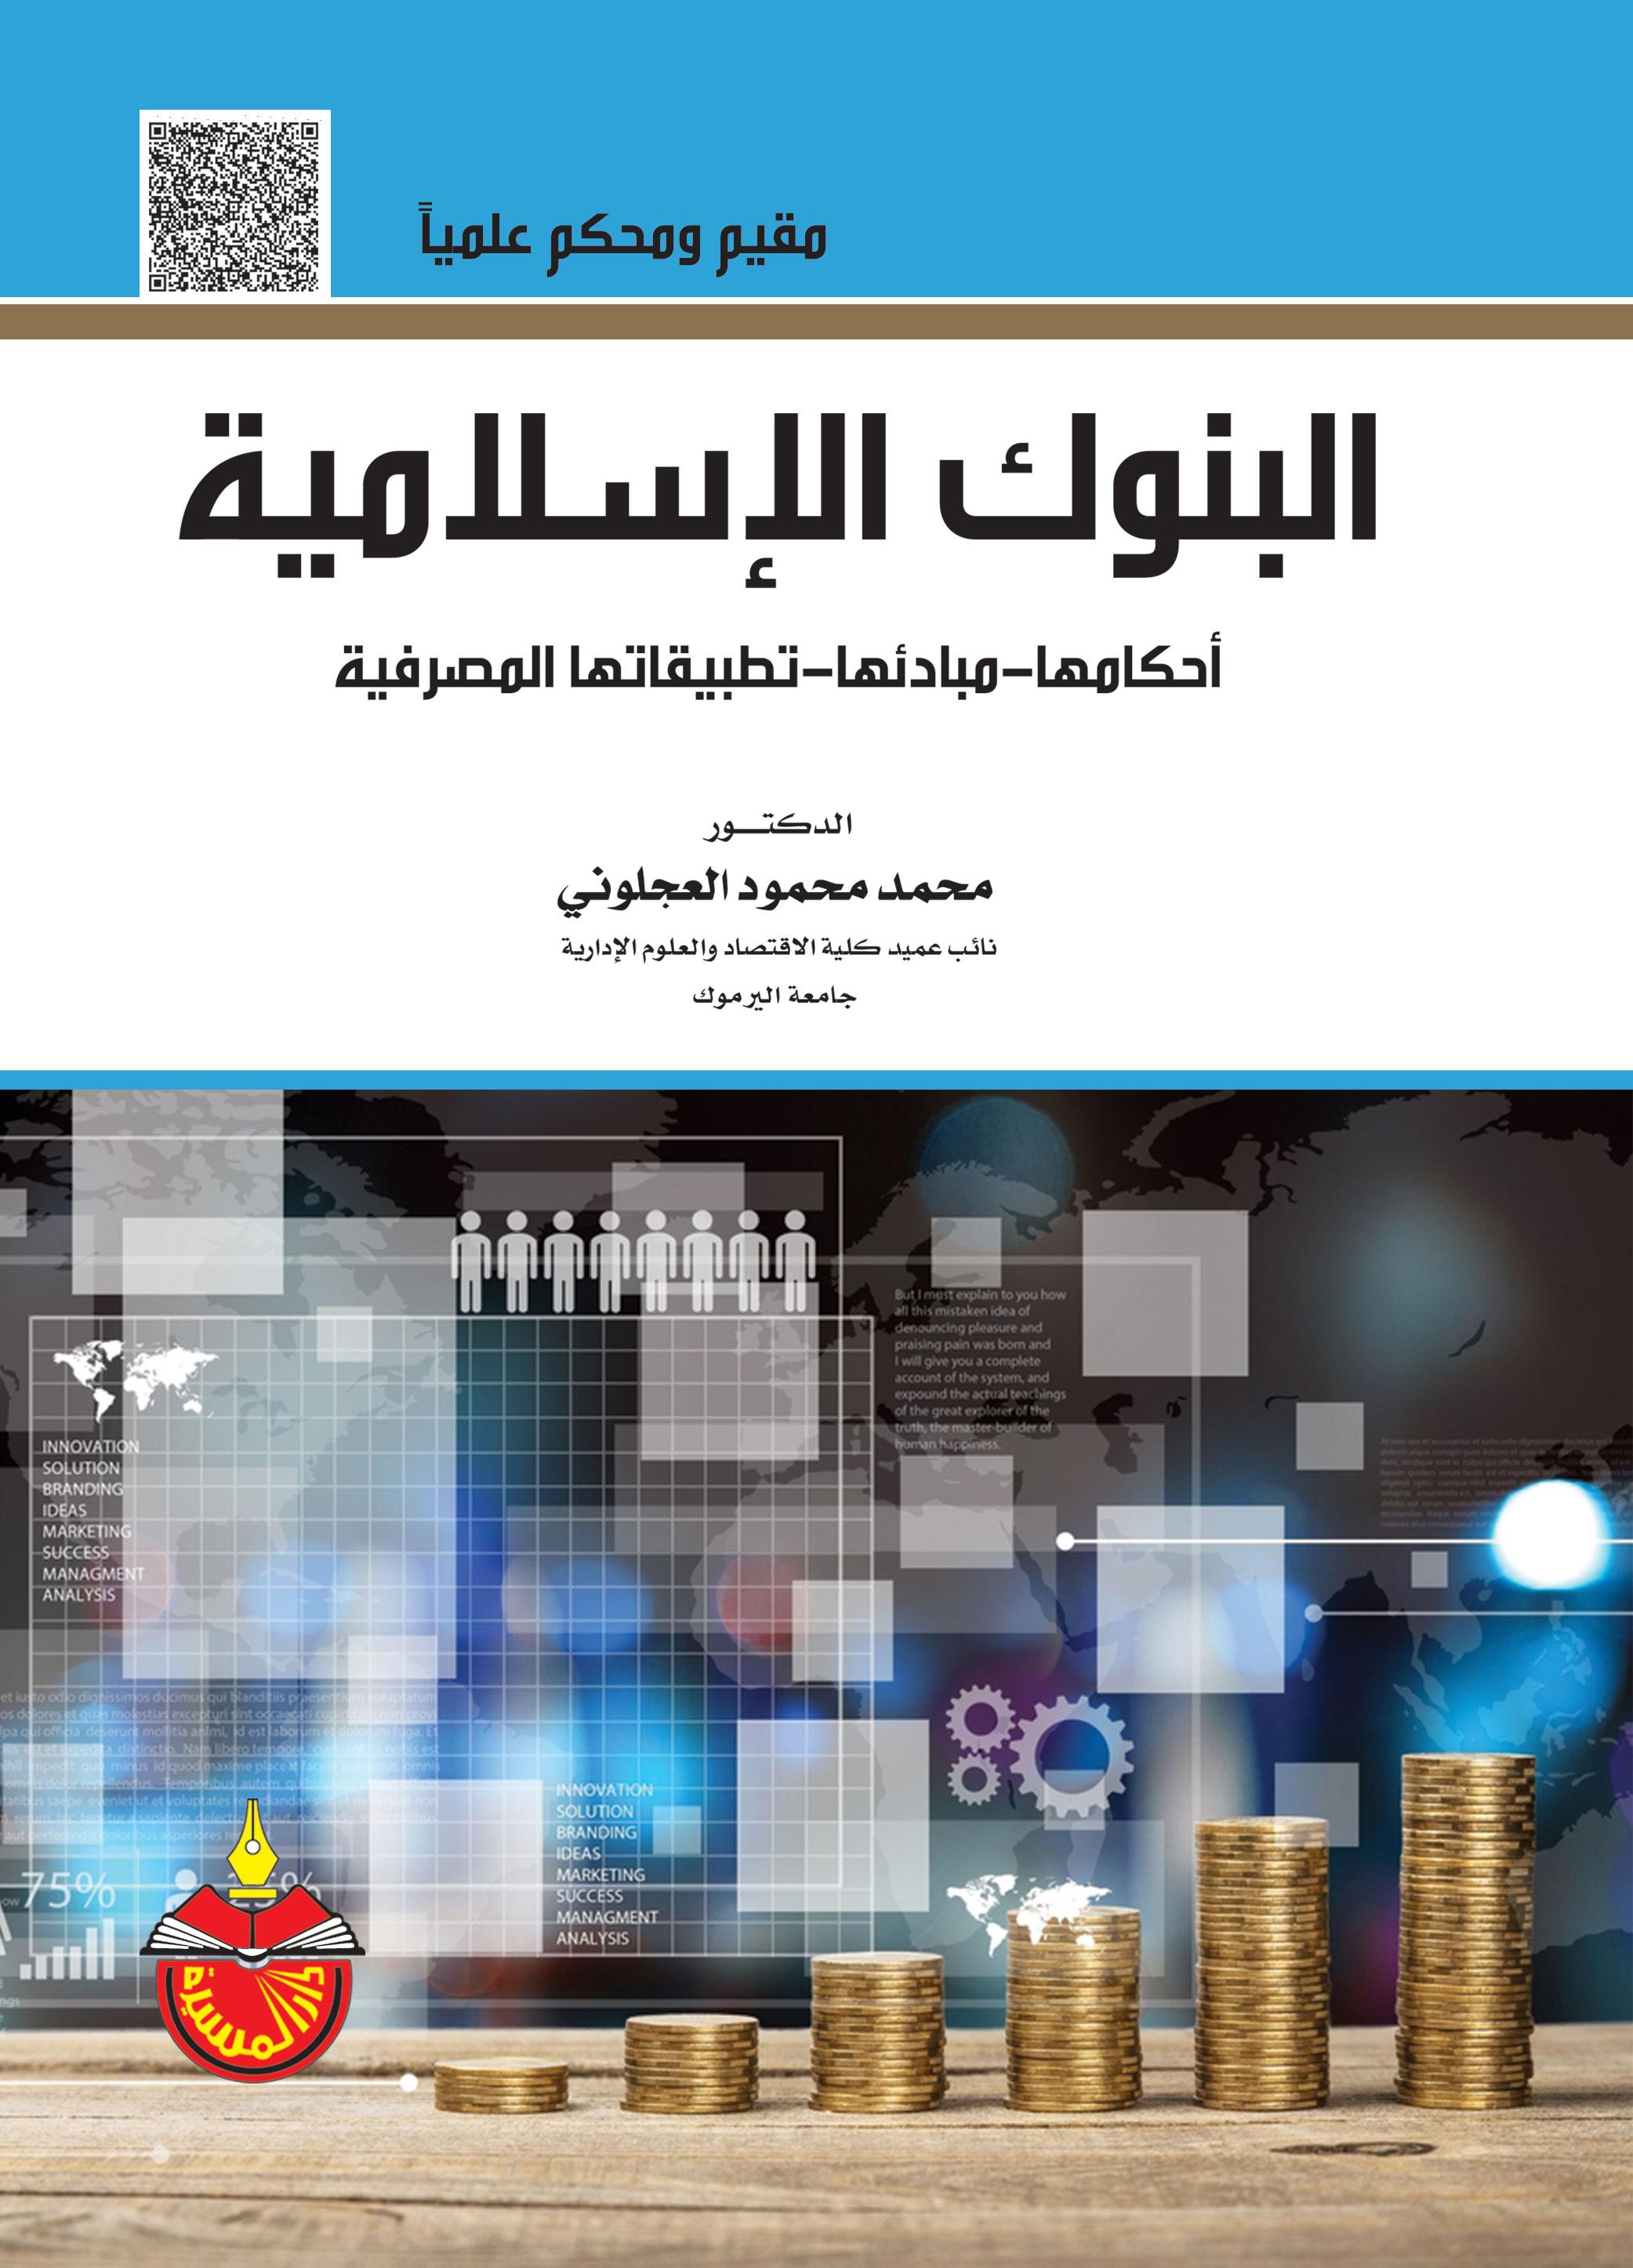 البنوك الإسلامية - أحكامها ومبادئها وتطبيقاتها المصرفية